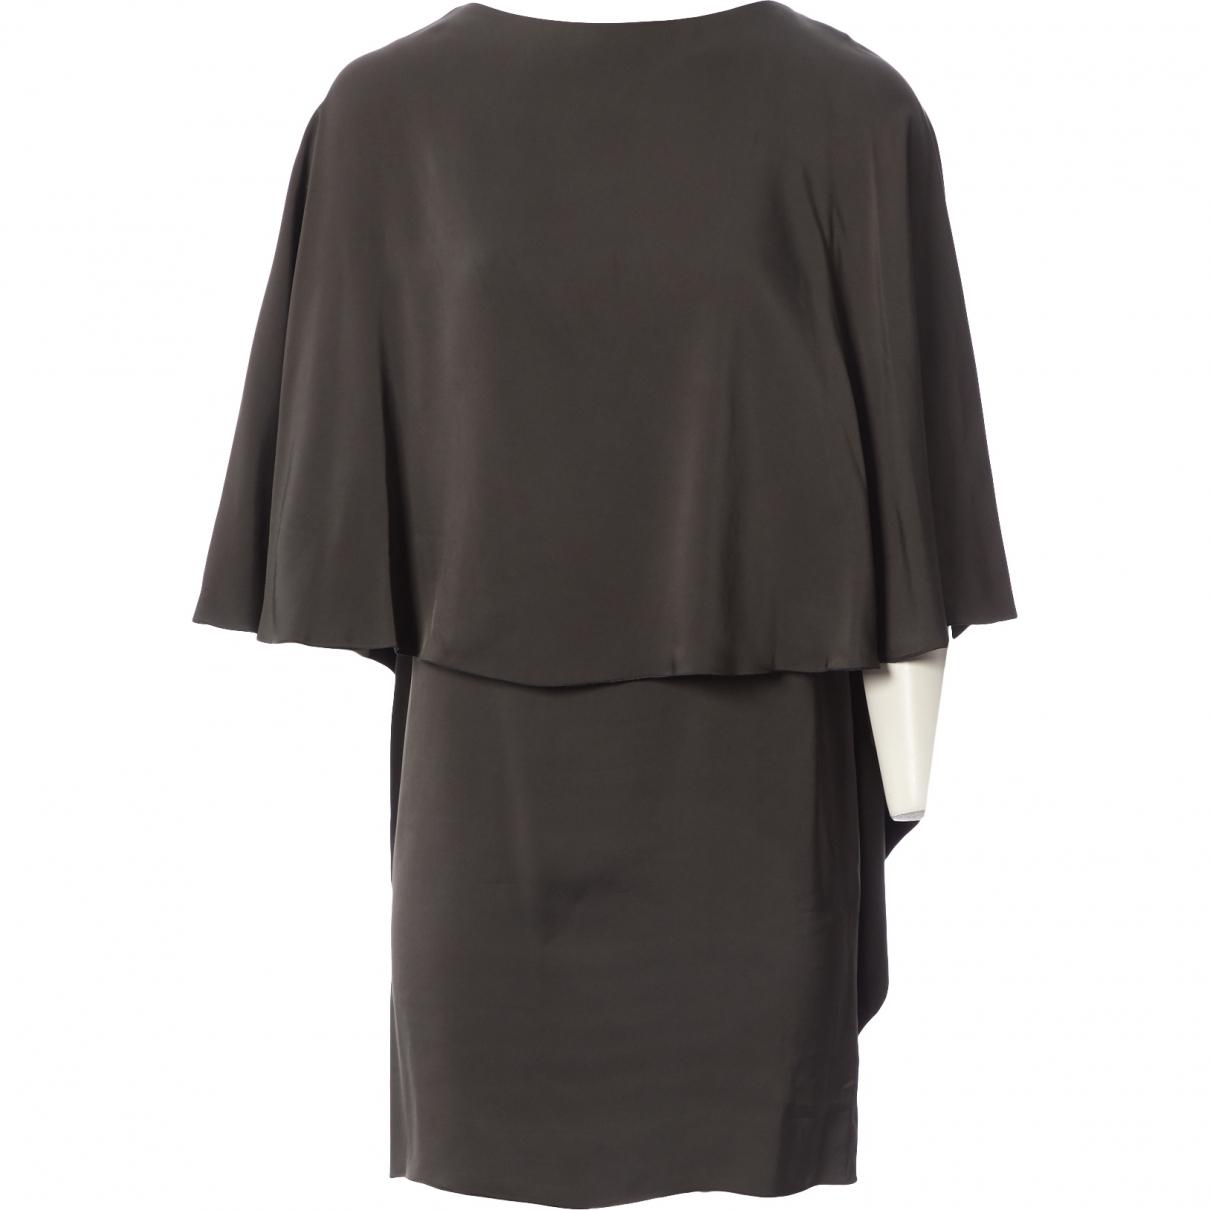 Lanvin \N Grey dress for Women 36 FR